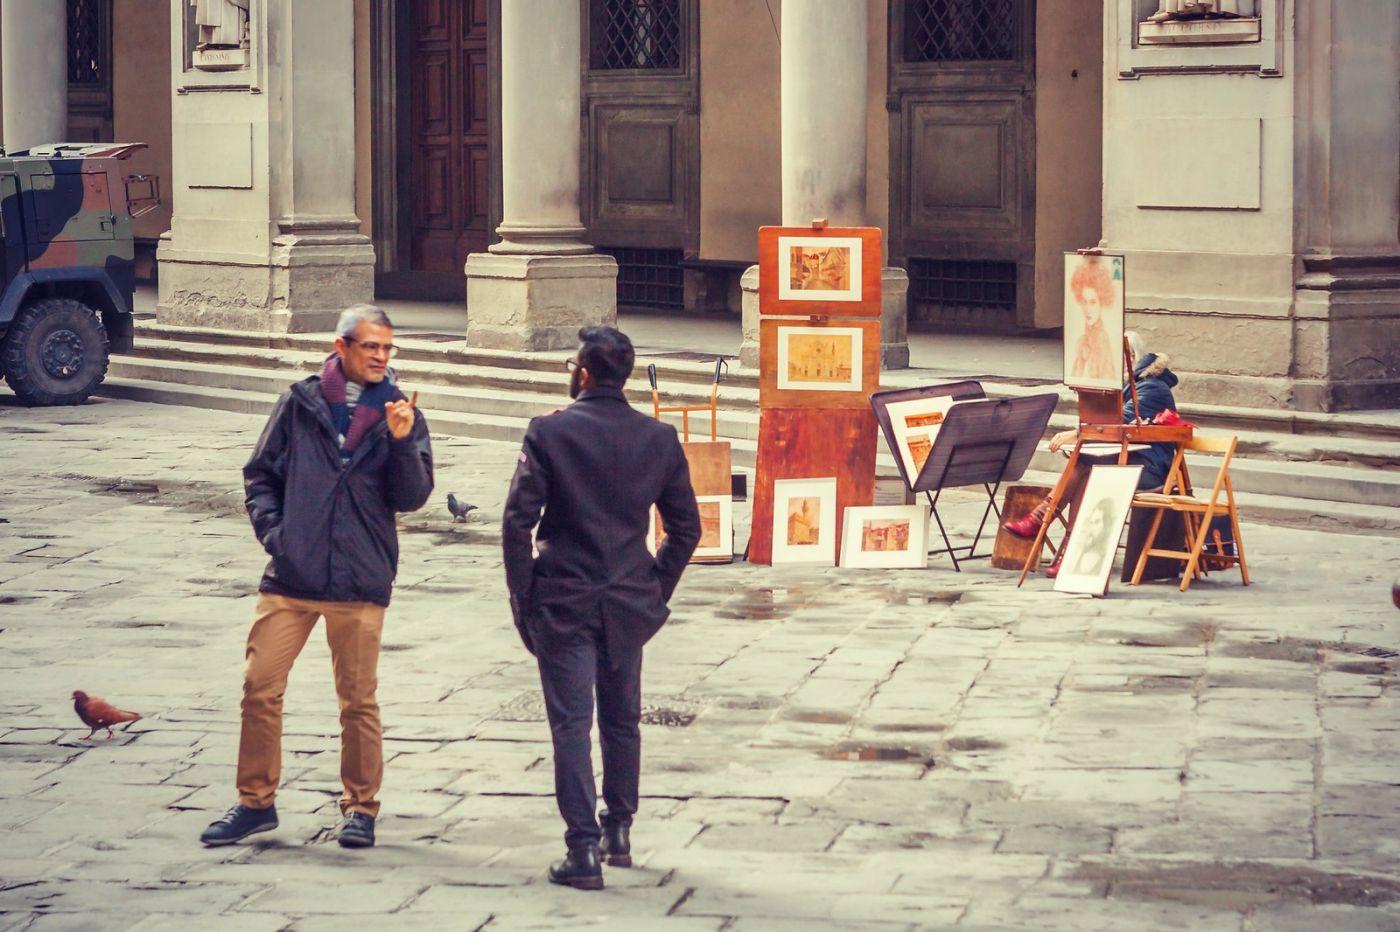 意大利佛罗伦斯乌菲兹美术馆, 进去看一看_图1-28